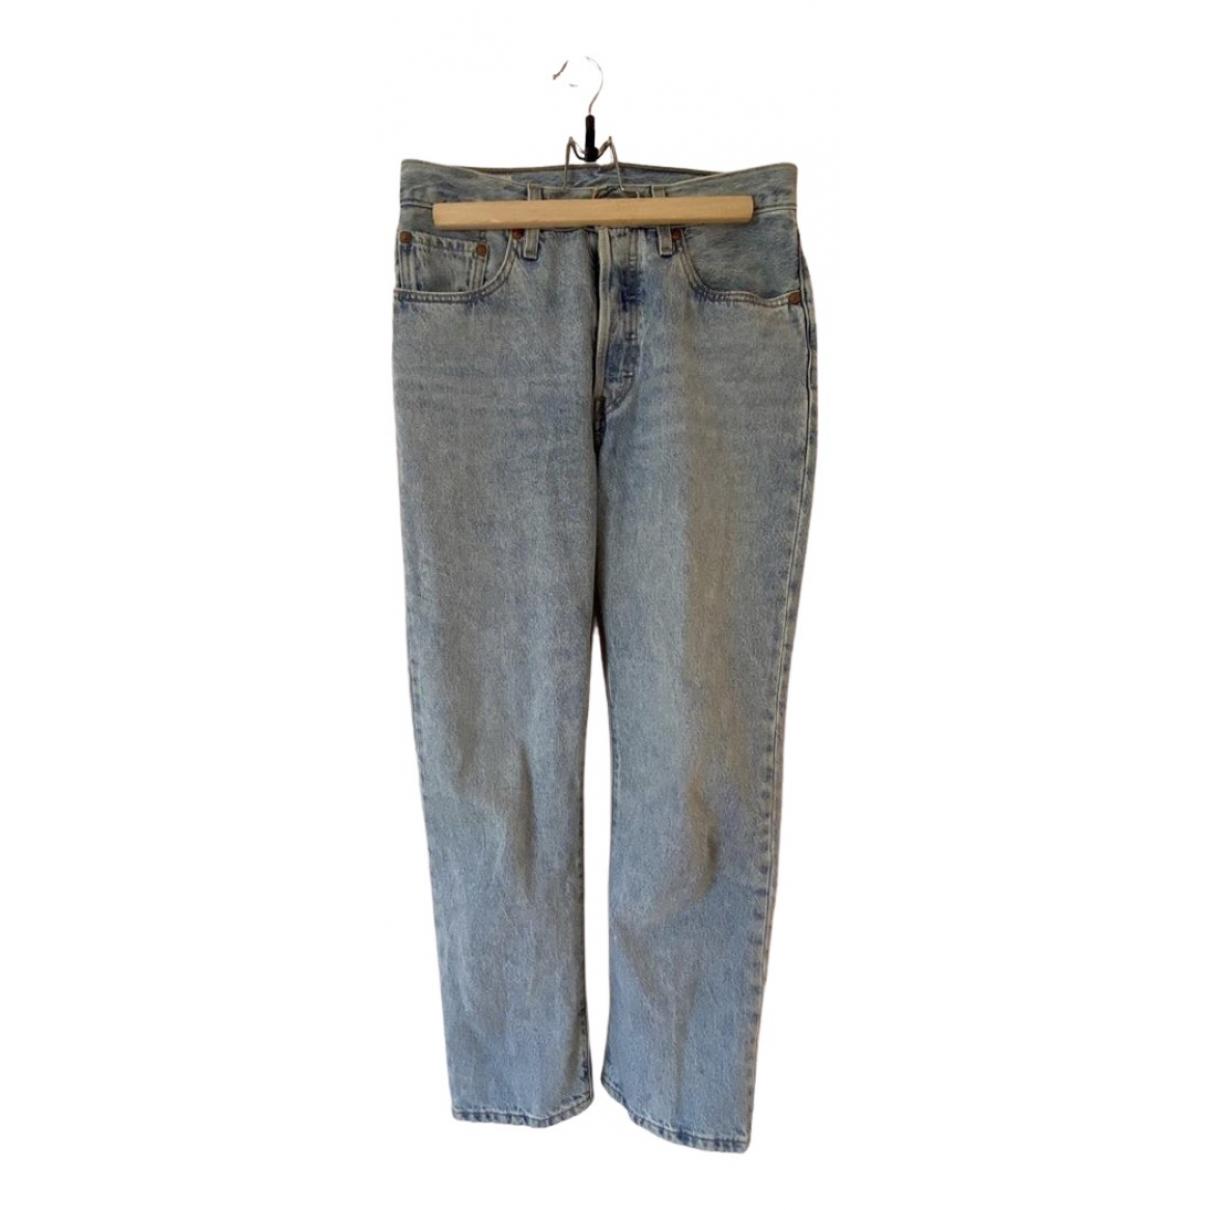 Levi's 501 Blue Denim - Jeans Jeans for Women 27 US